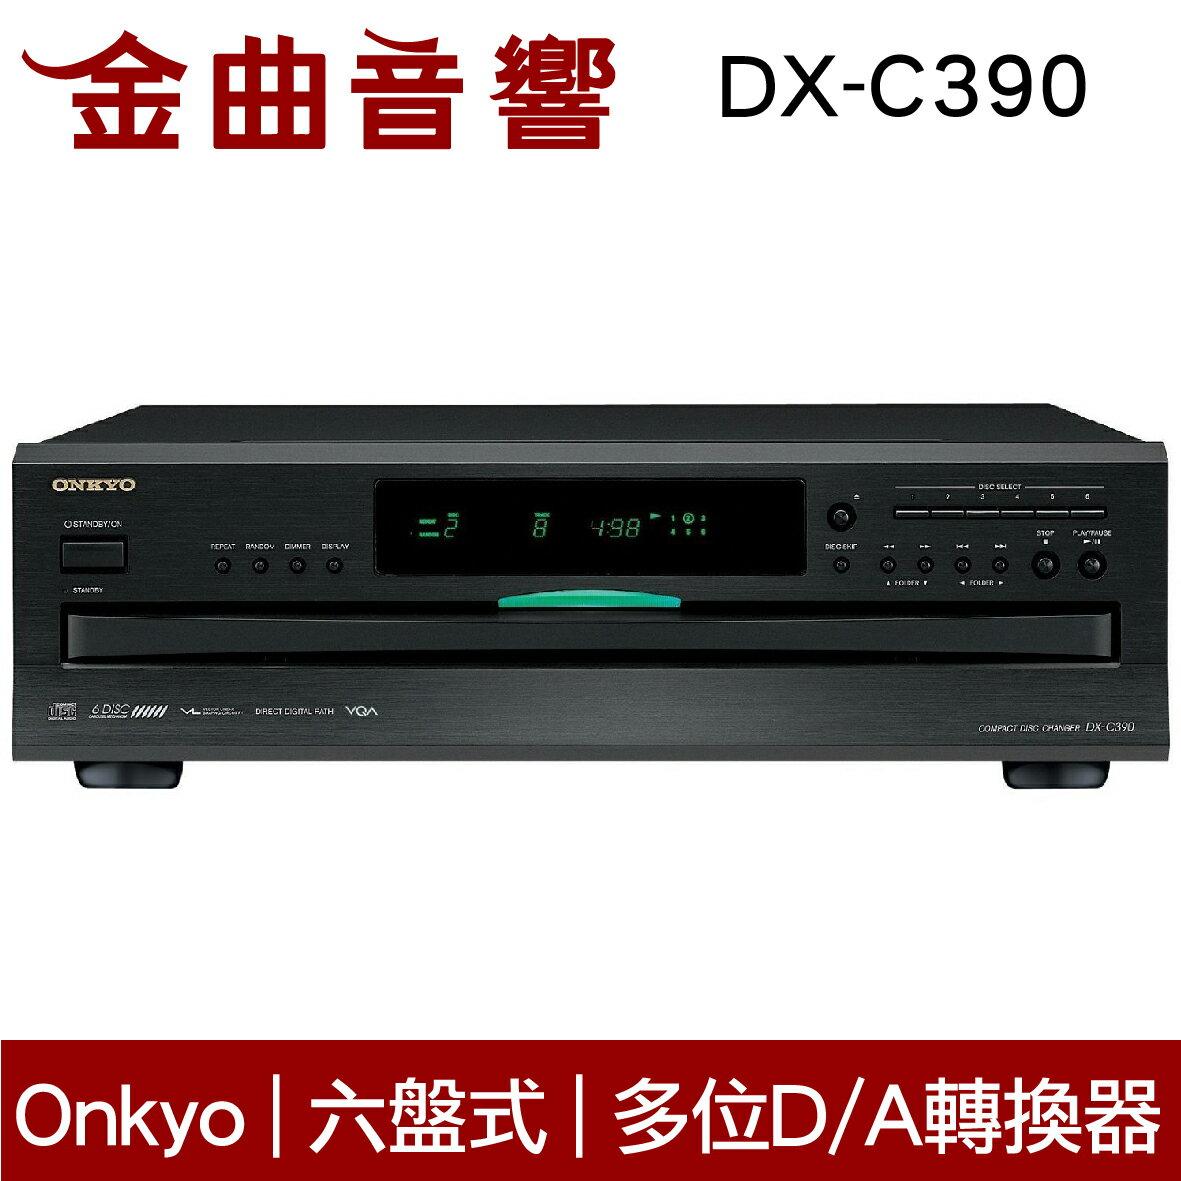 ONKYO 安橋 DX-C390 六盤式 高音質 CD 播放機 C390 | 金曲音響